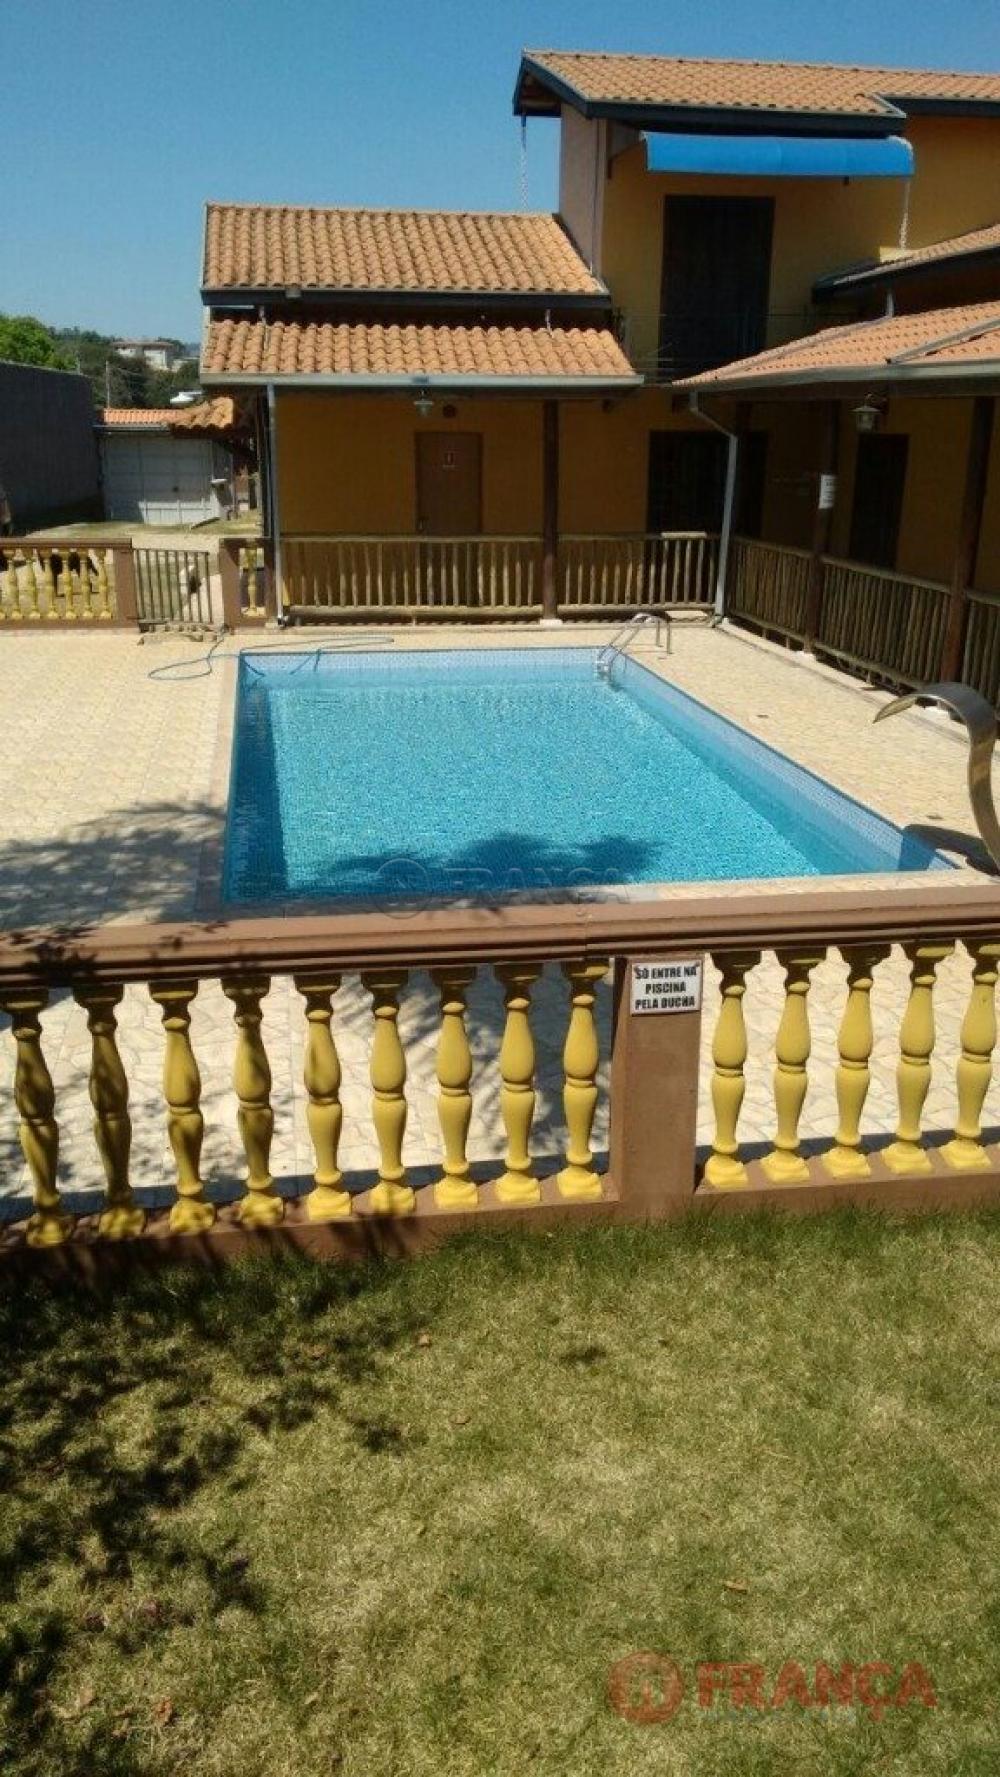 Comprar Rural / Chácara em São José dos Campos apenas R$ 780.000,00 - Foto 14